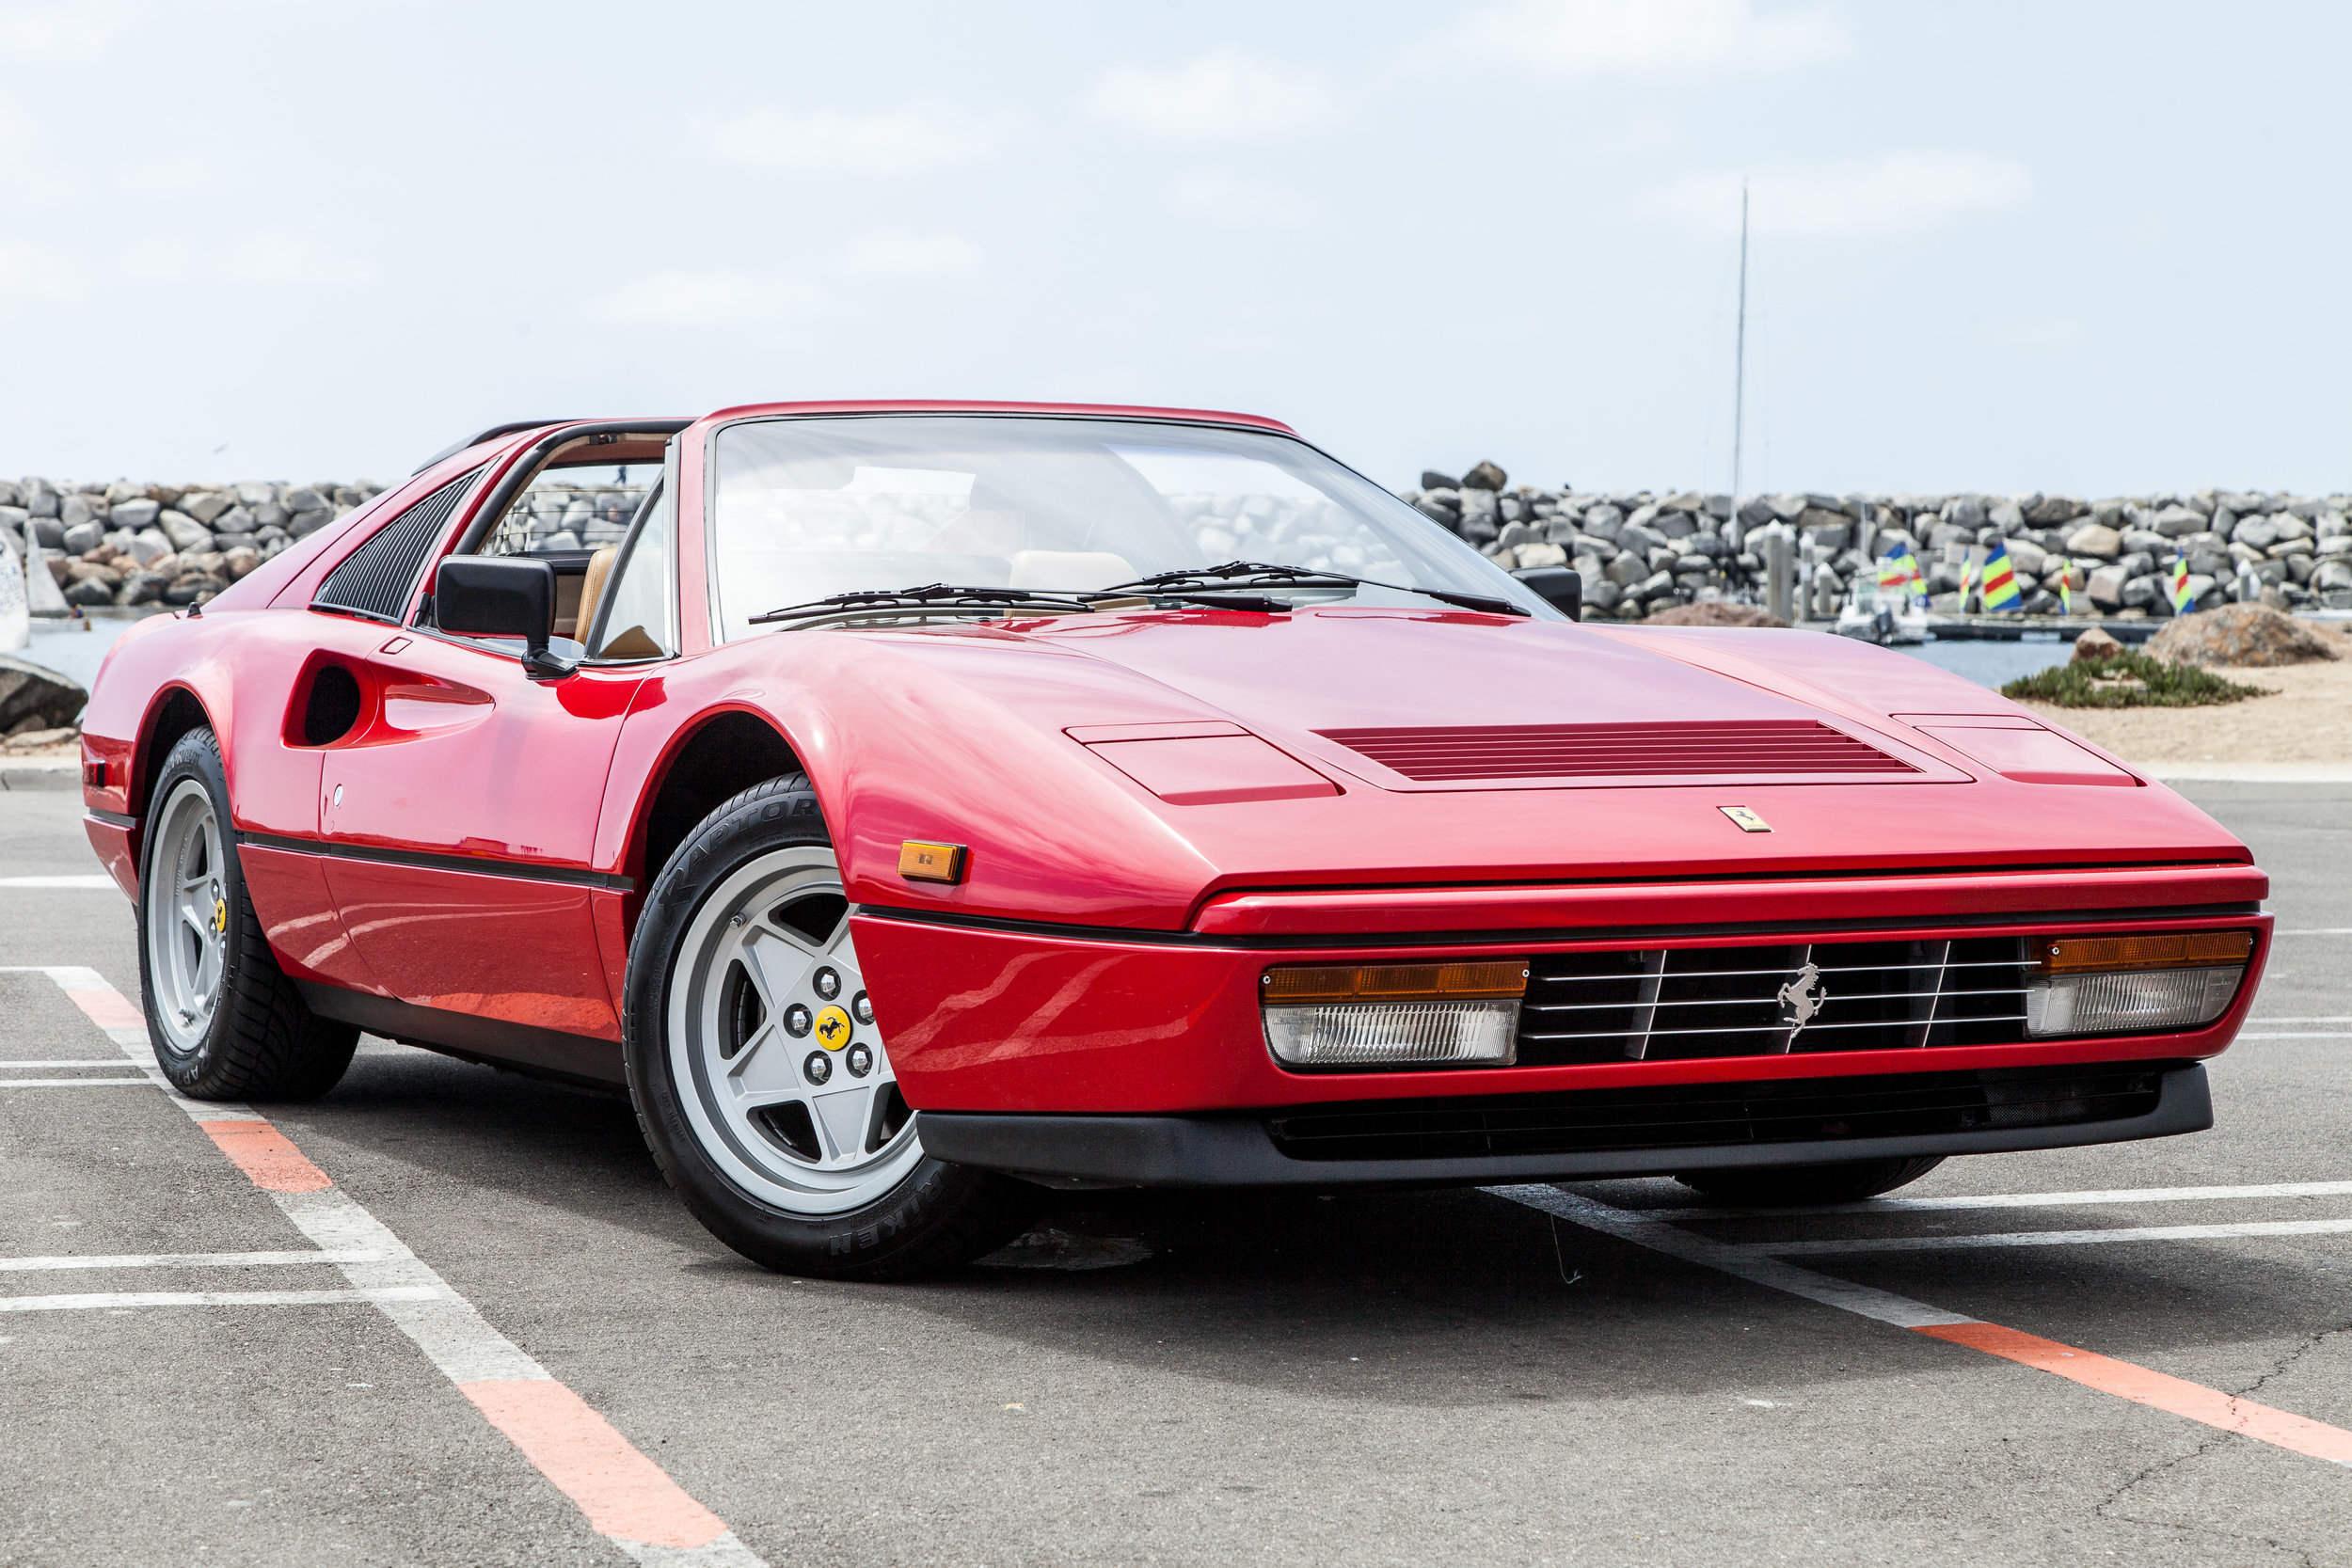 —1987 Ferrari 328 GTSi—